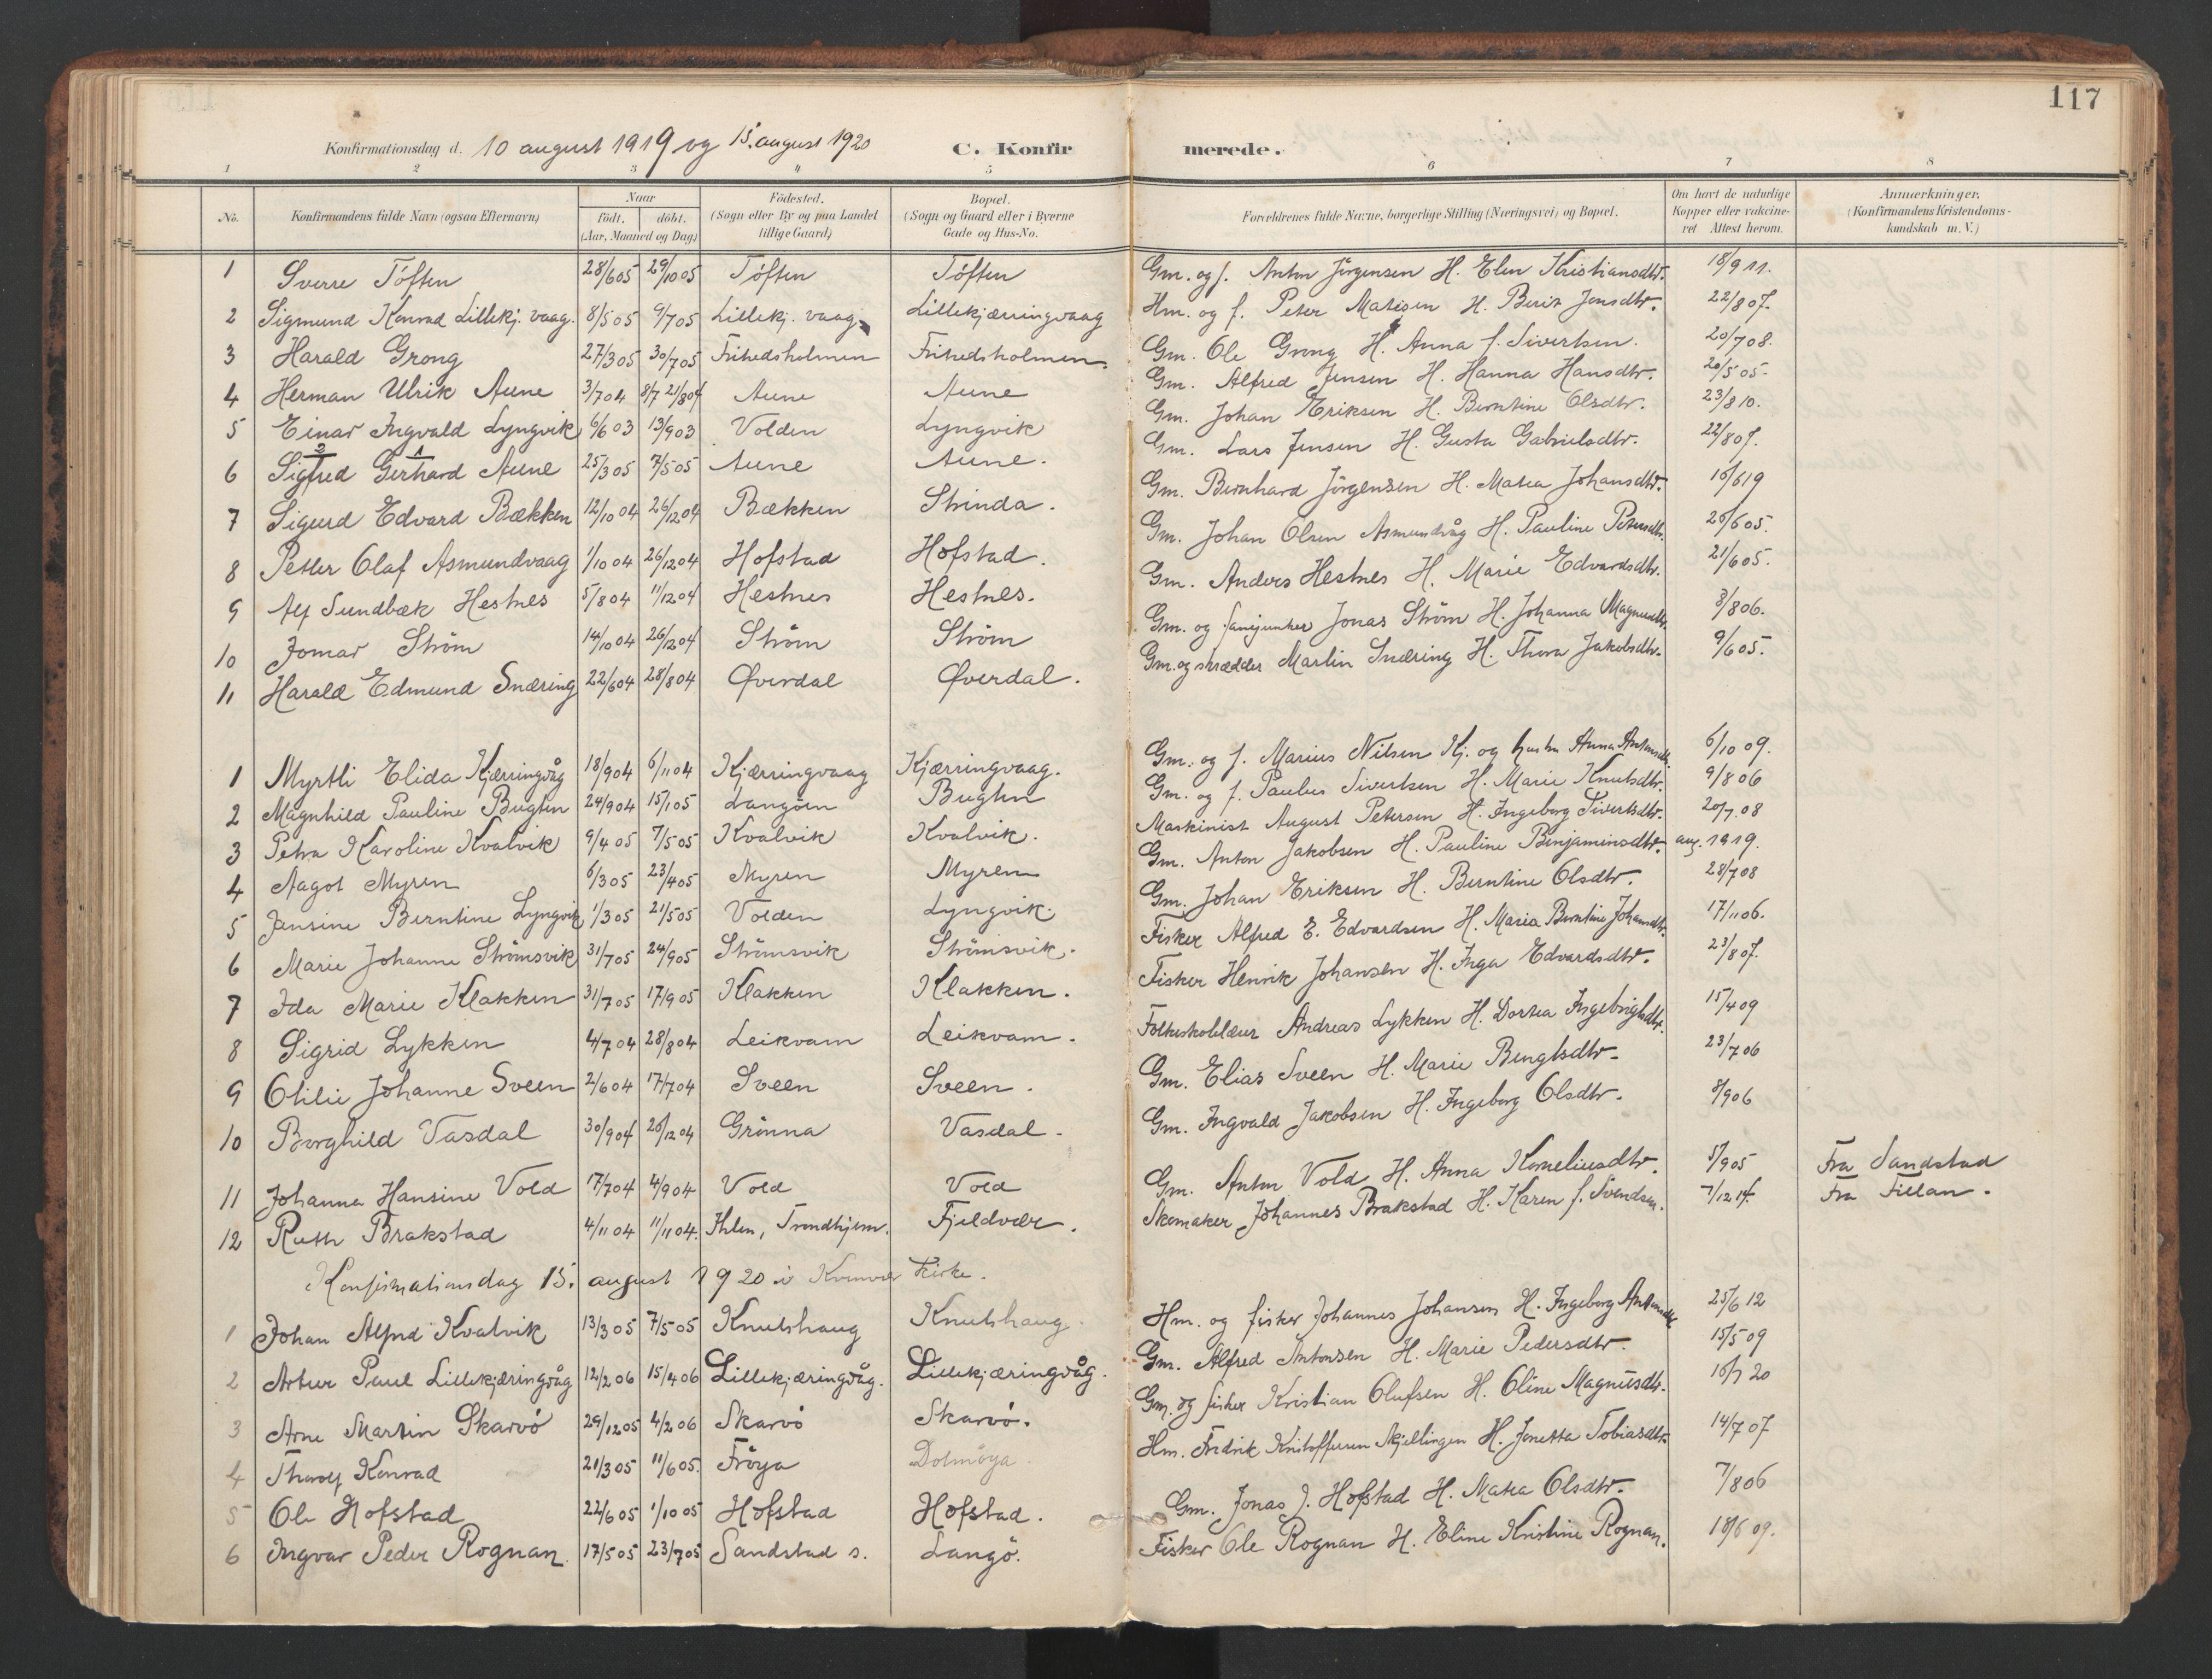 SAT, Ministerialprotokoller, klokkerbøker og fødselsregistre - Sør-Trøndelag, 634/L0537: Ministerialbok nr. 634A13, 1896-1922, s. 117